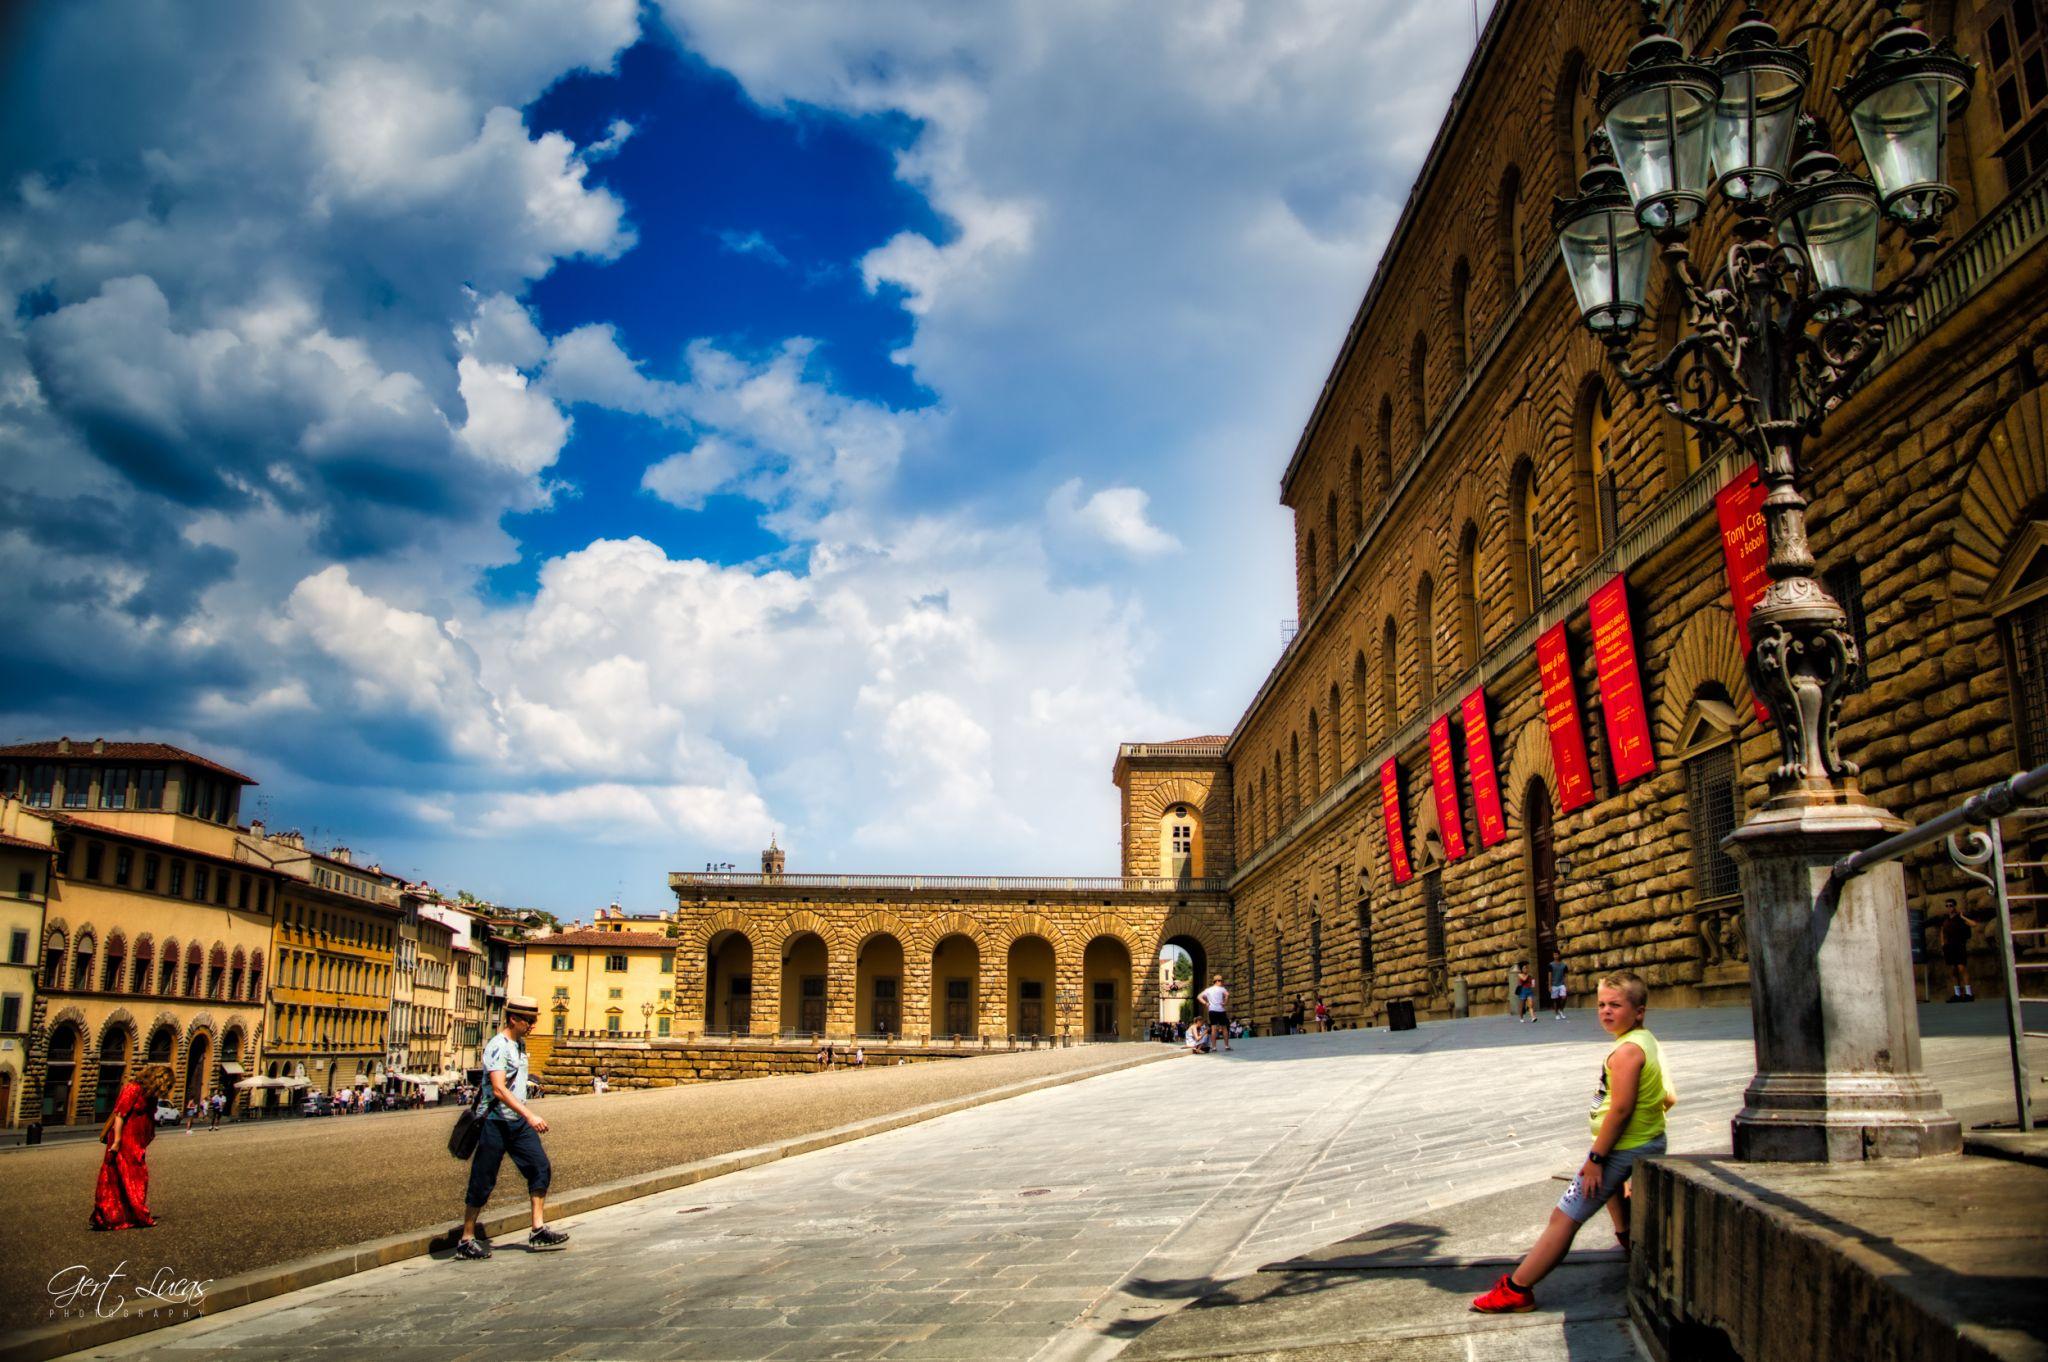 Firenze - Palazzo Pitti, Italy